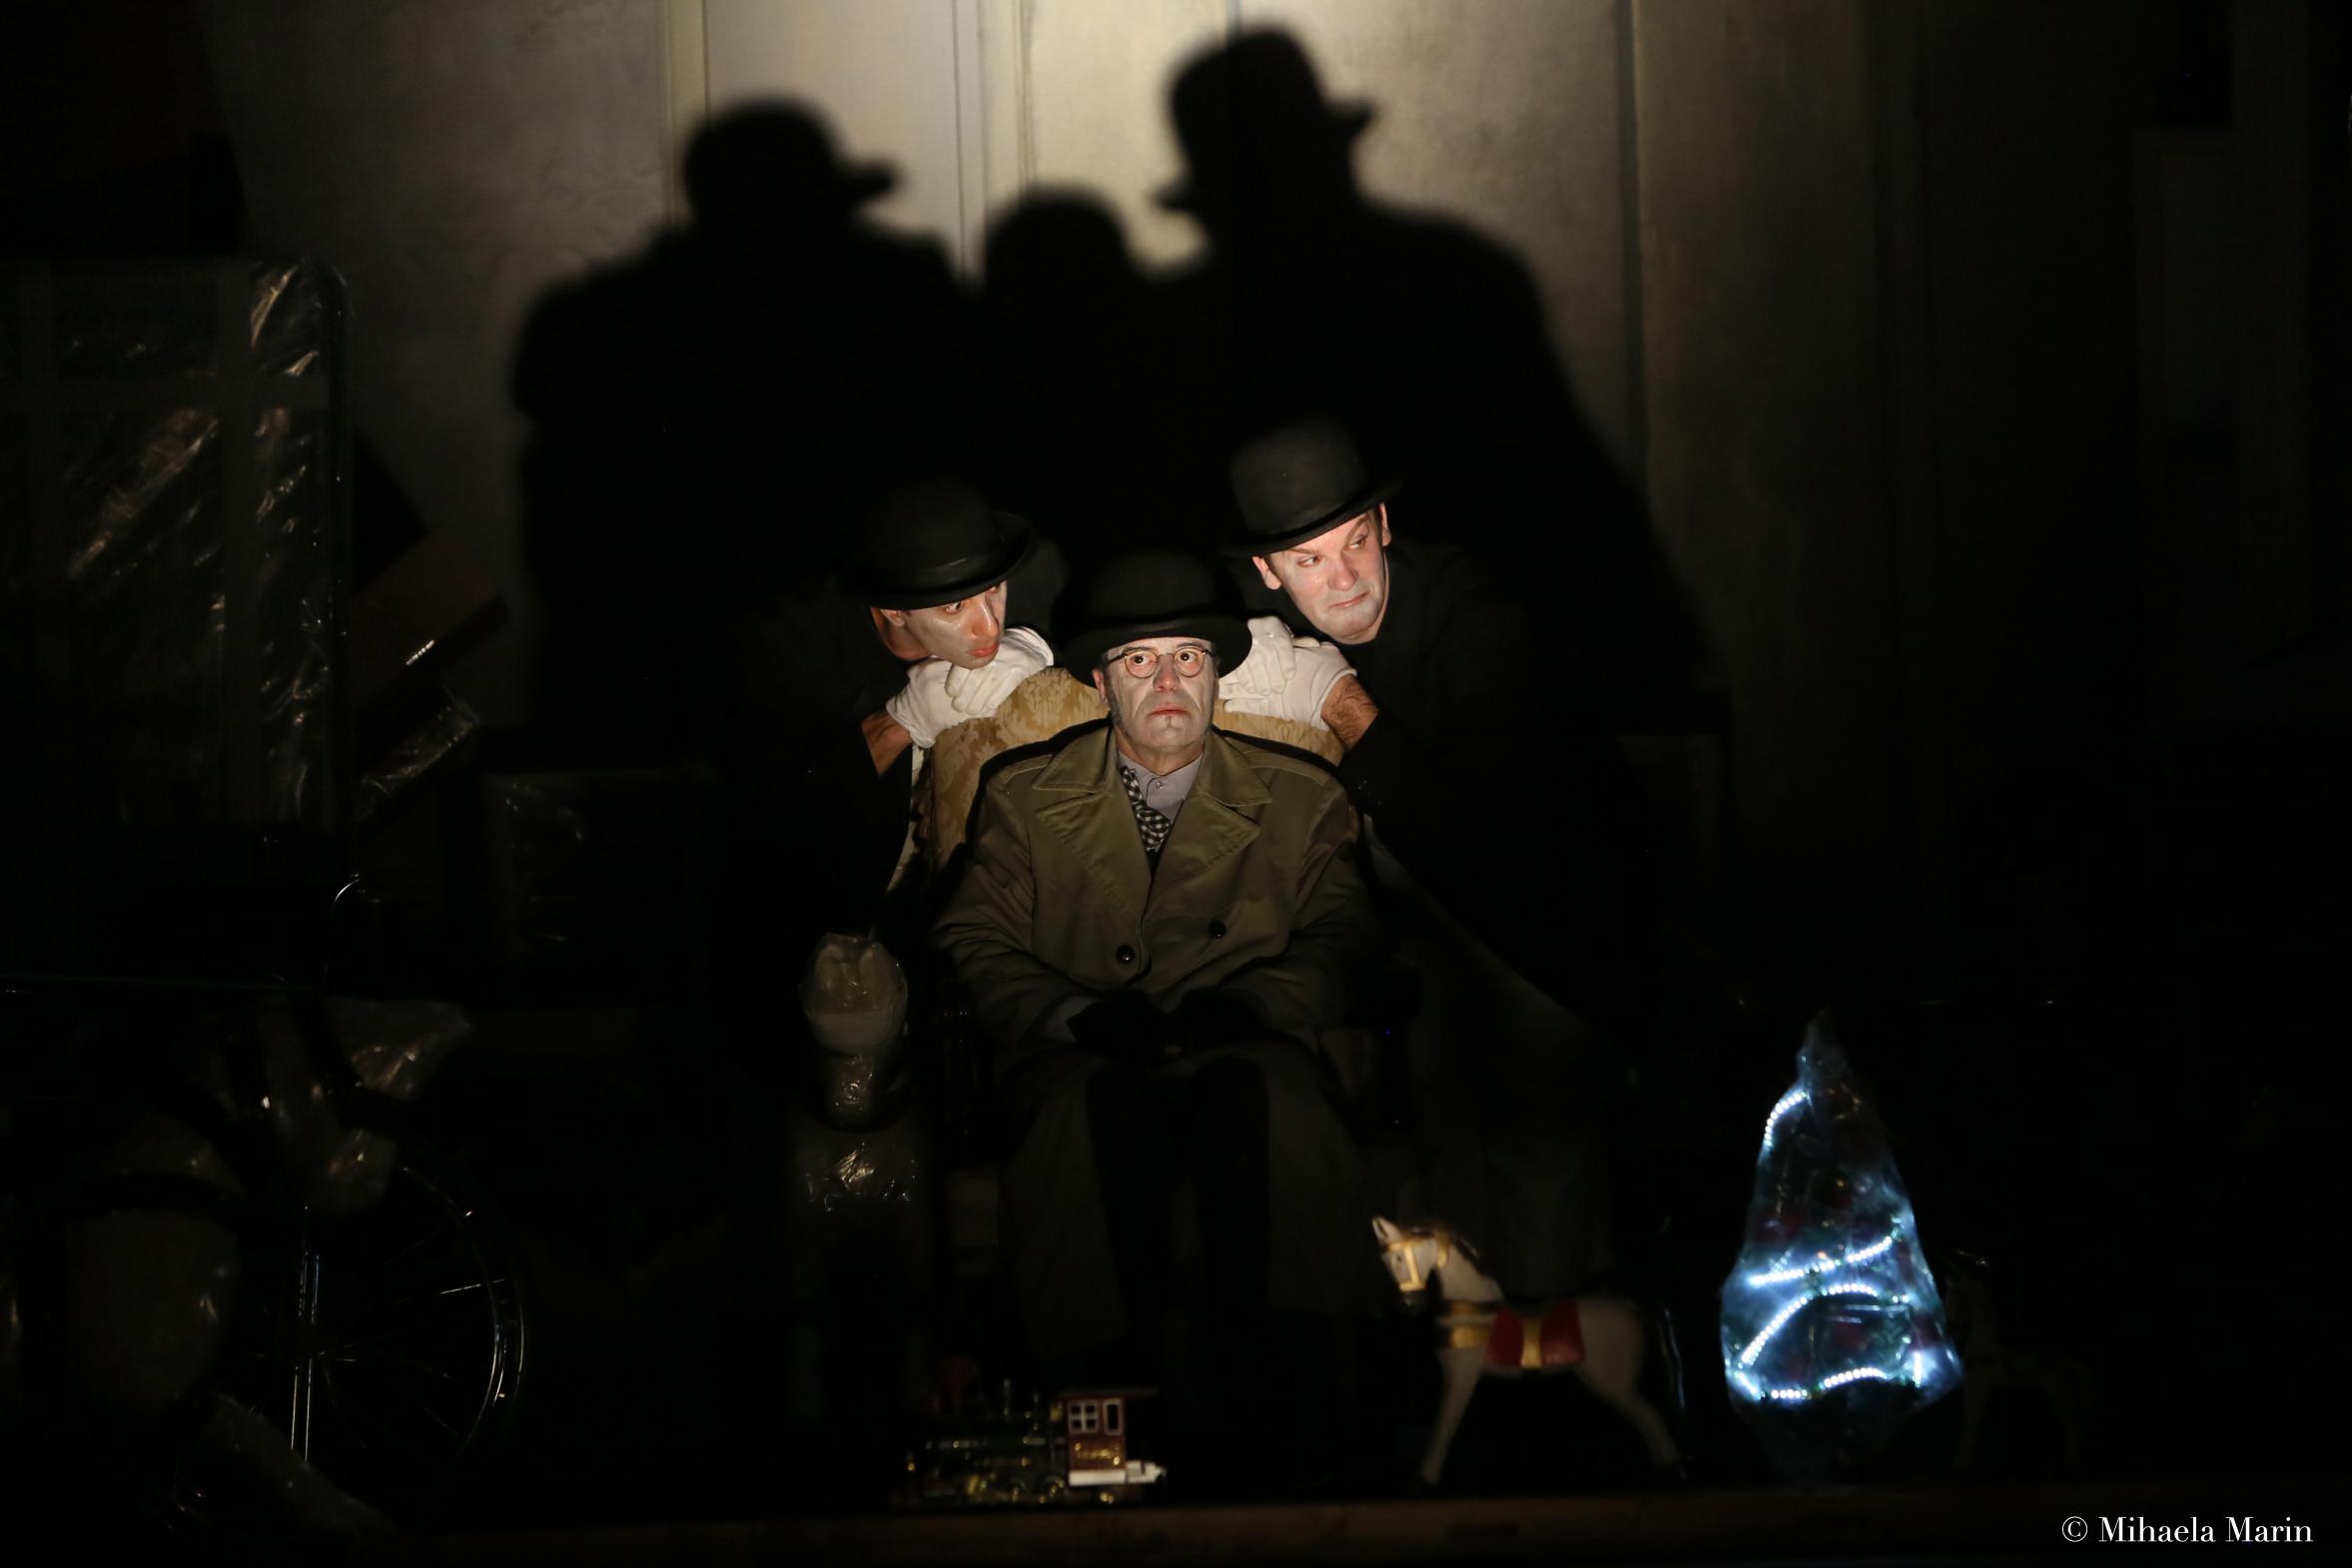 Noul Locatar de Eugen Ionescu in regia lui Tompa Gabor, atracţia zilei la INTERFERENŢE 2014